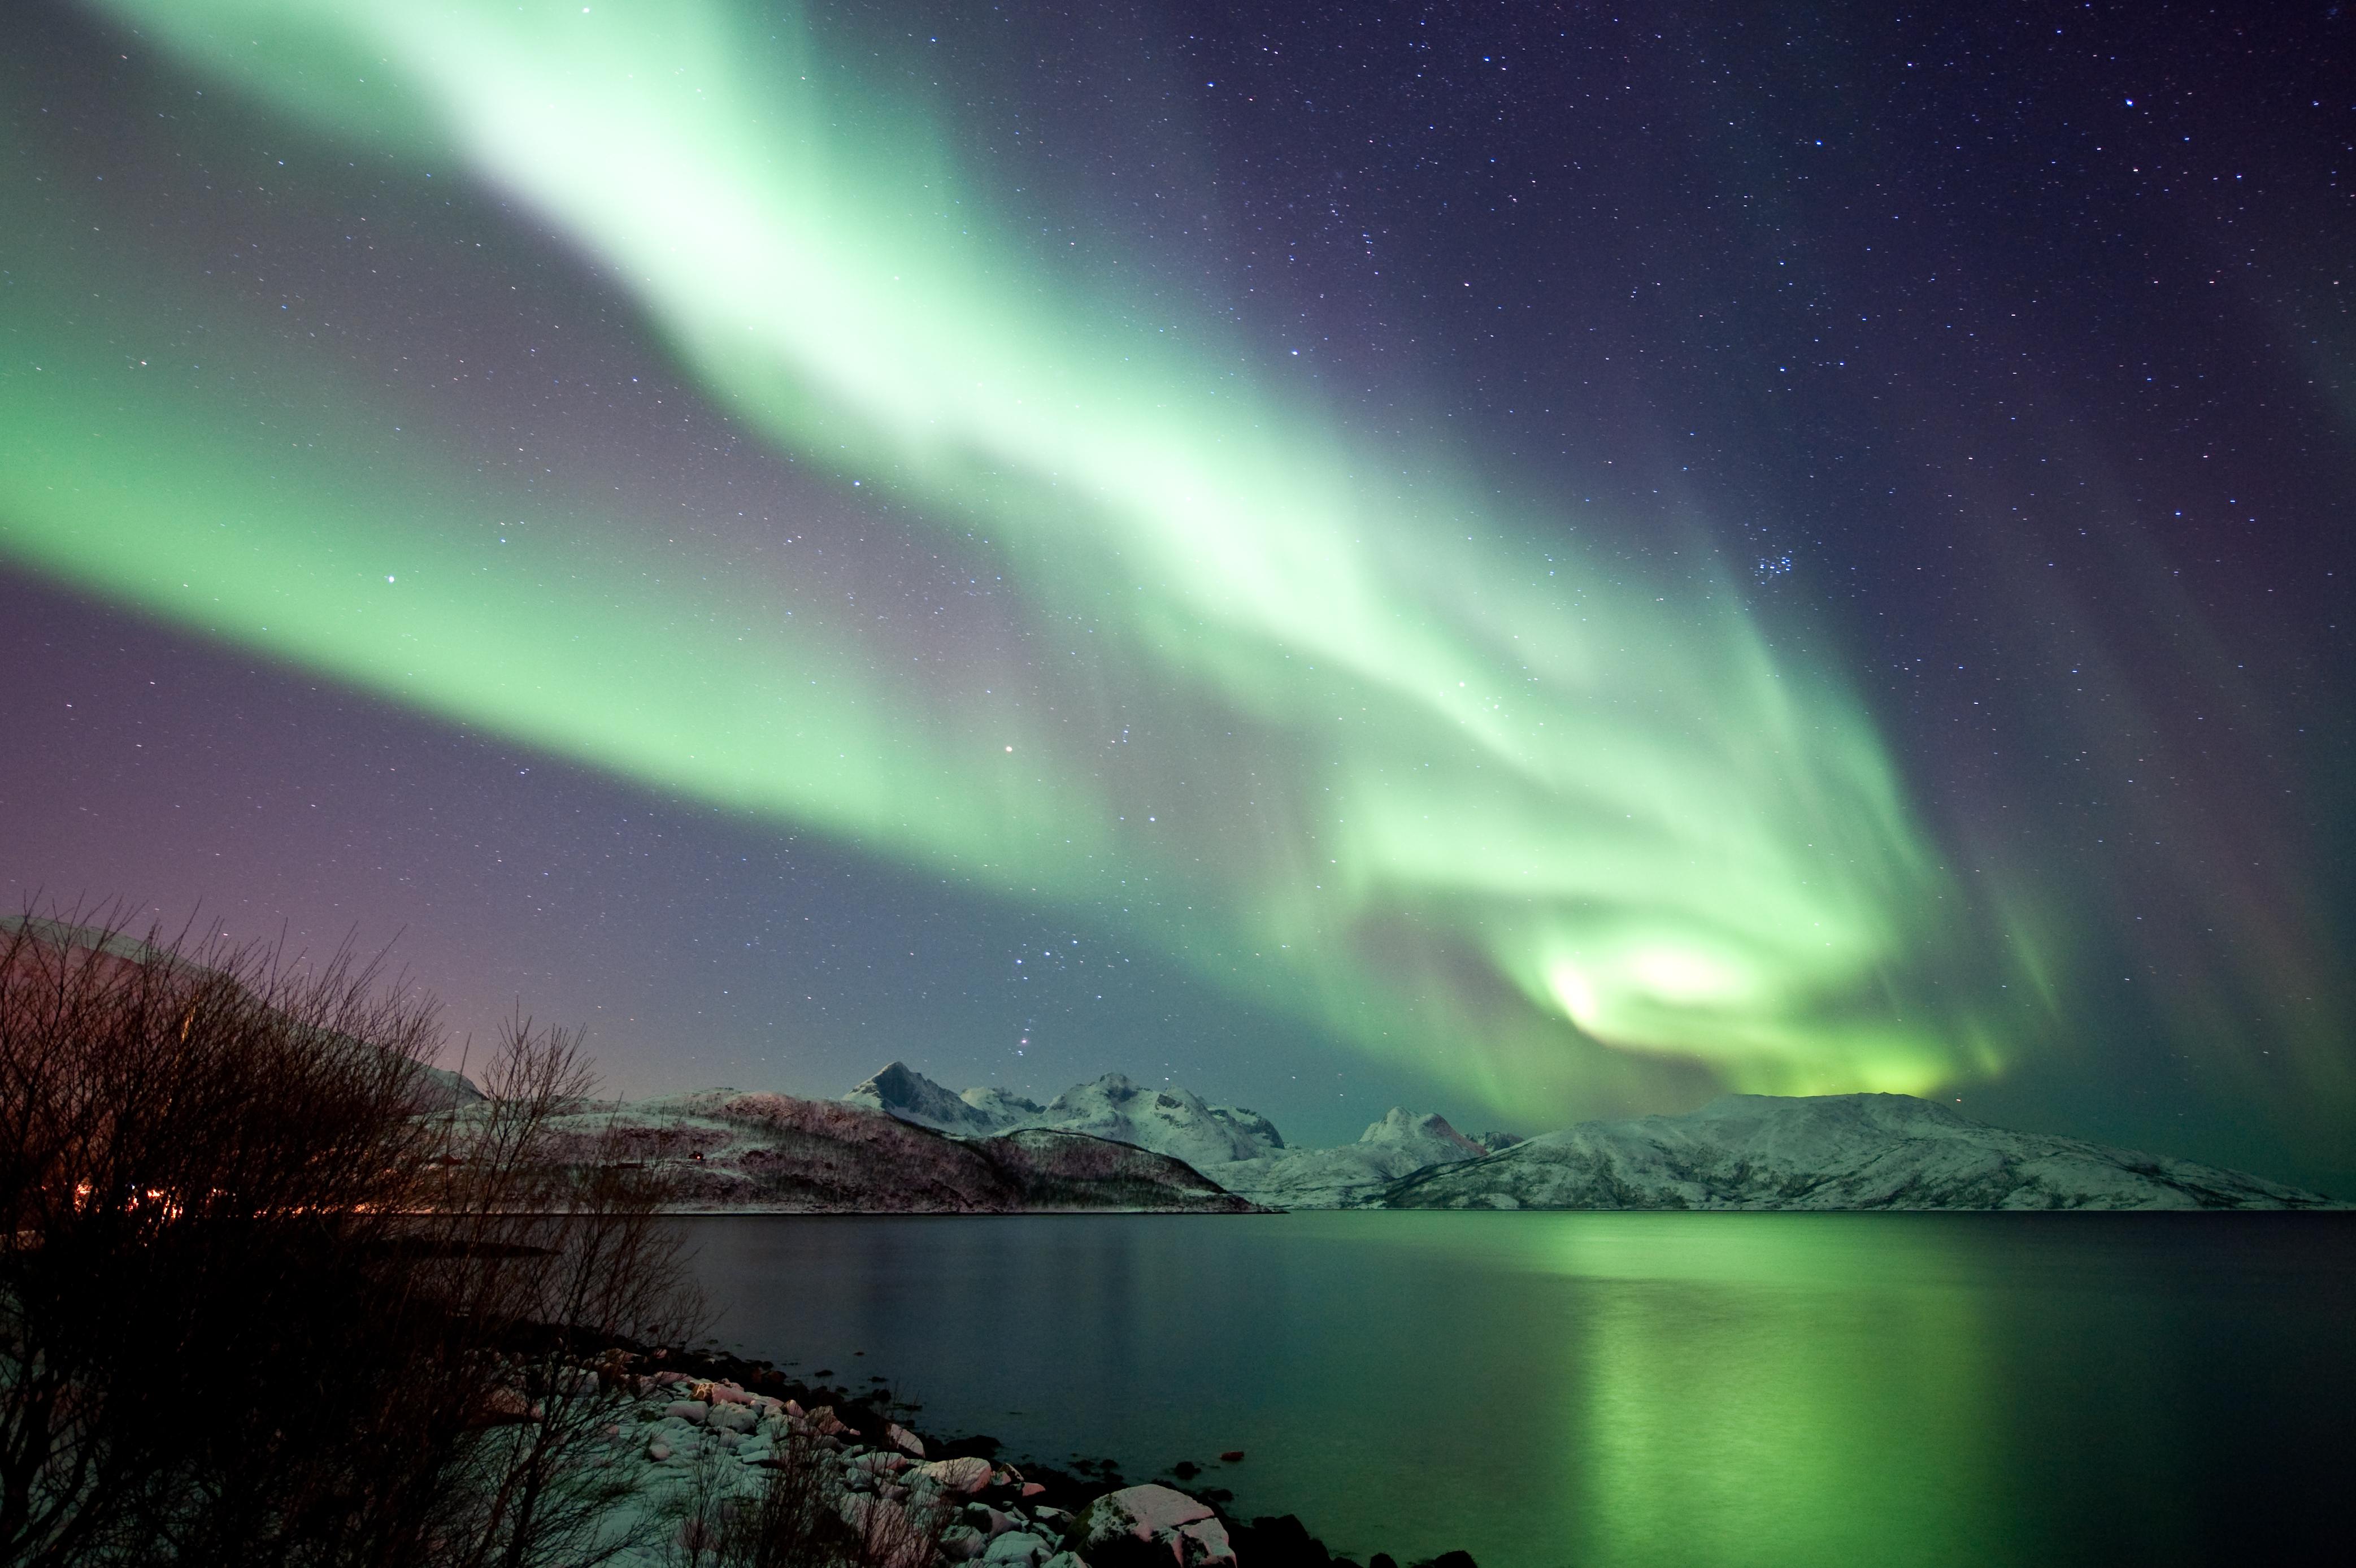 Aurora Borealis Backgrounds, Compatible - PC, Mobile, Gadgets  4170x2775 px